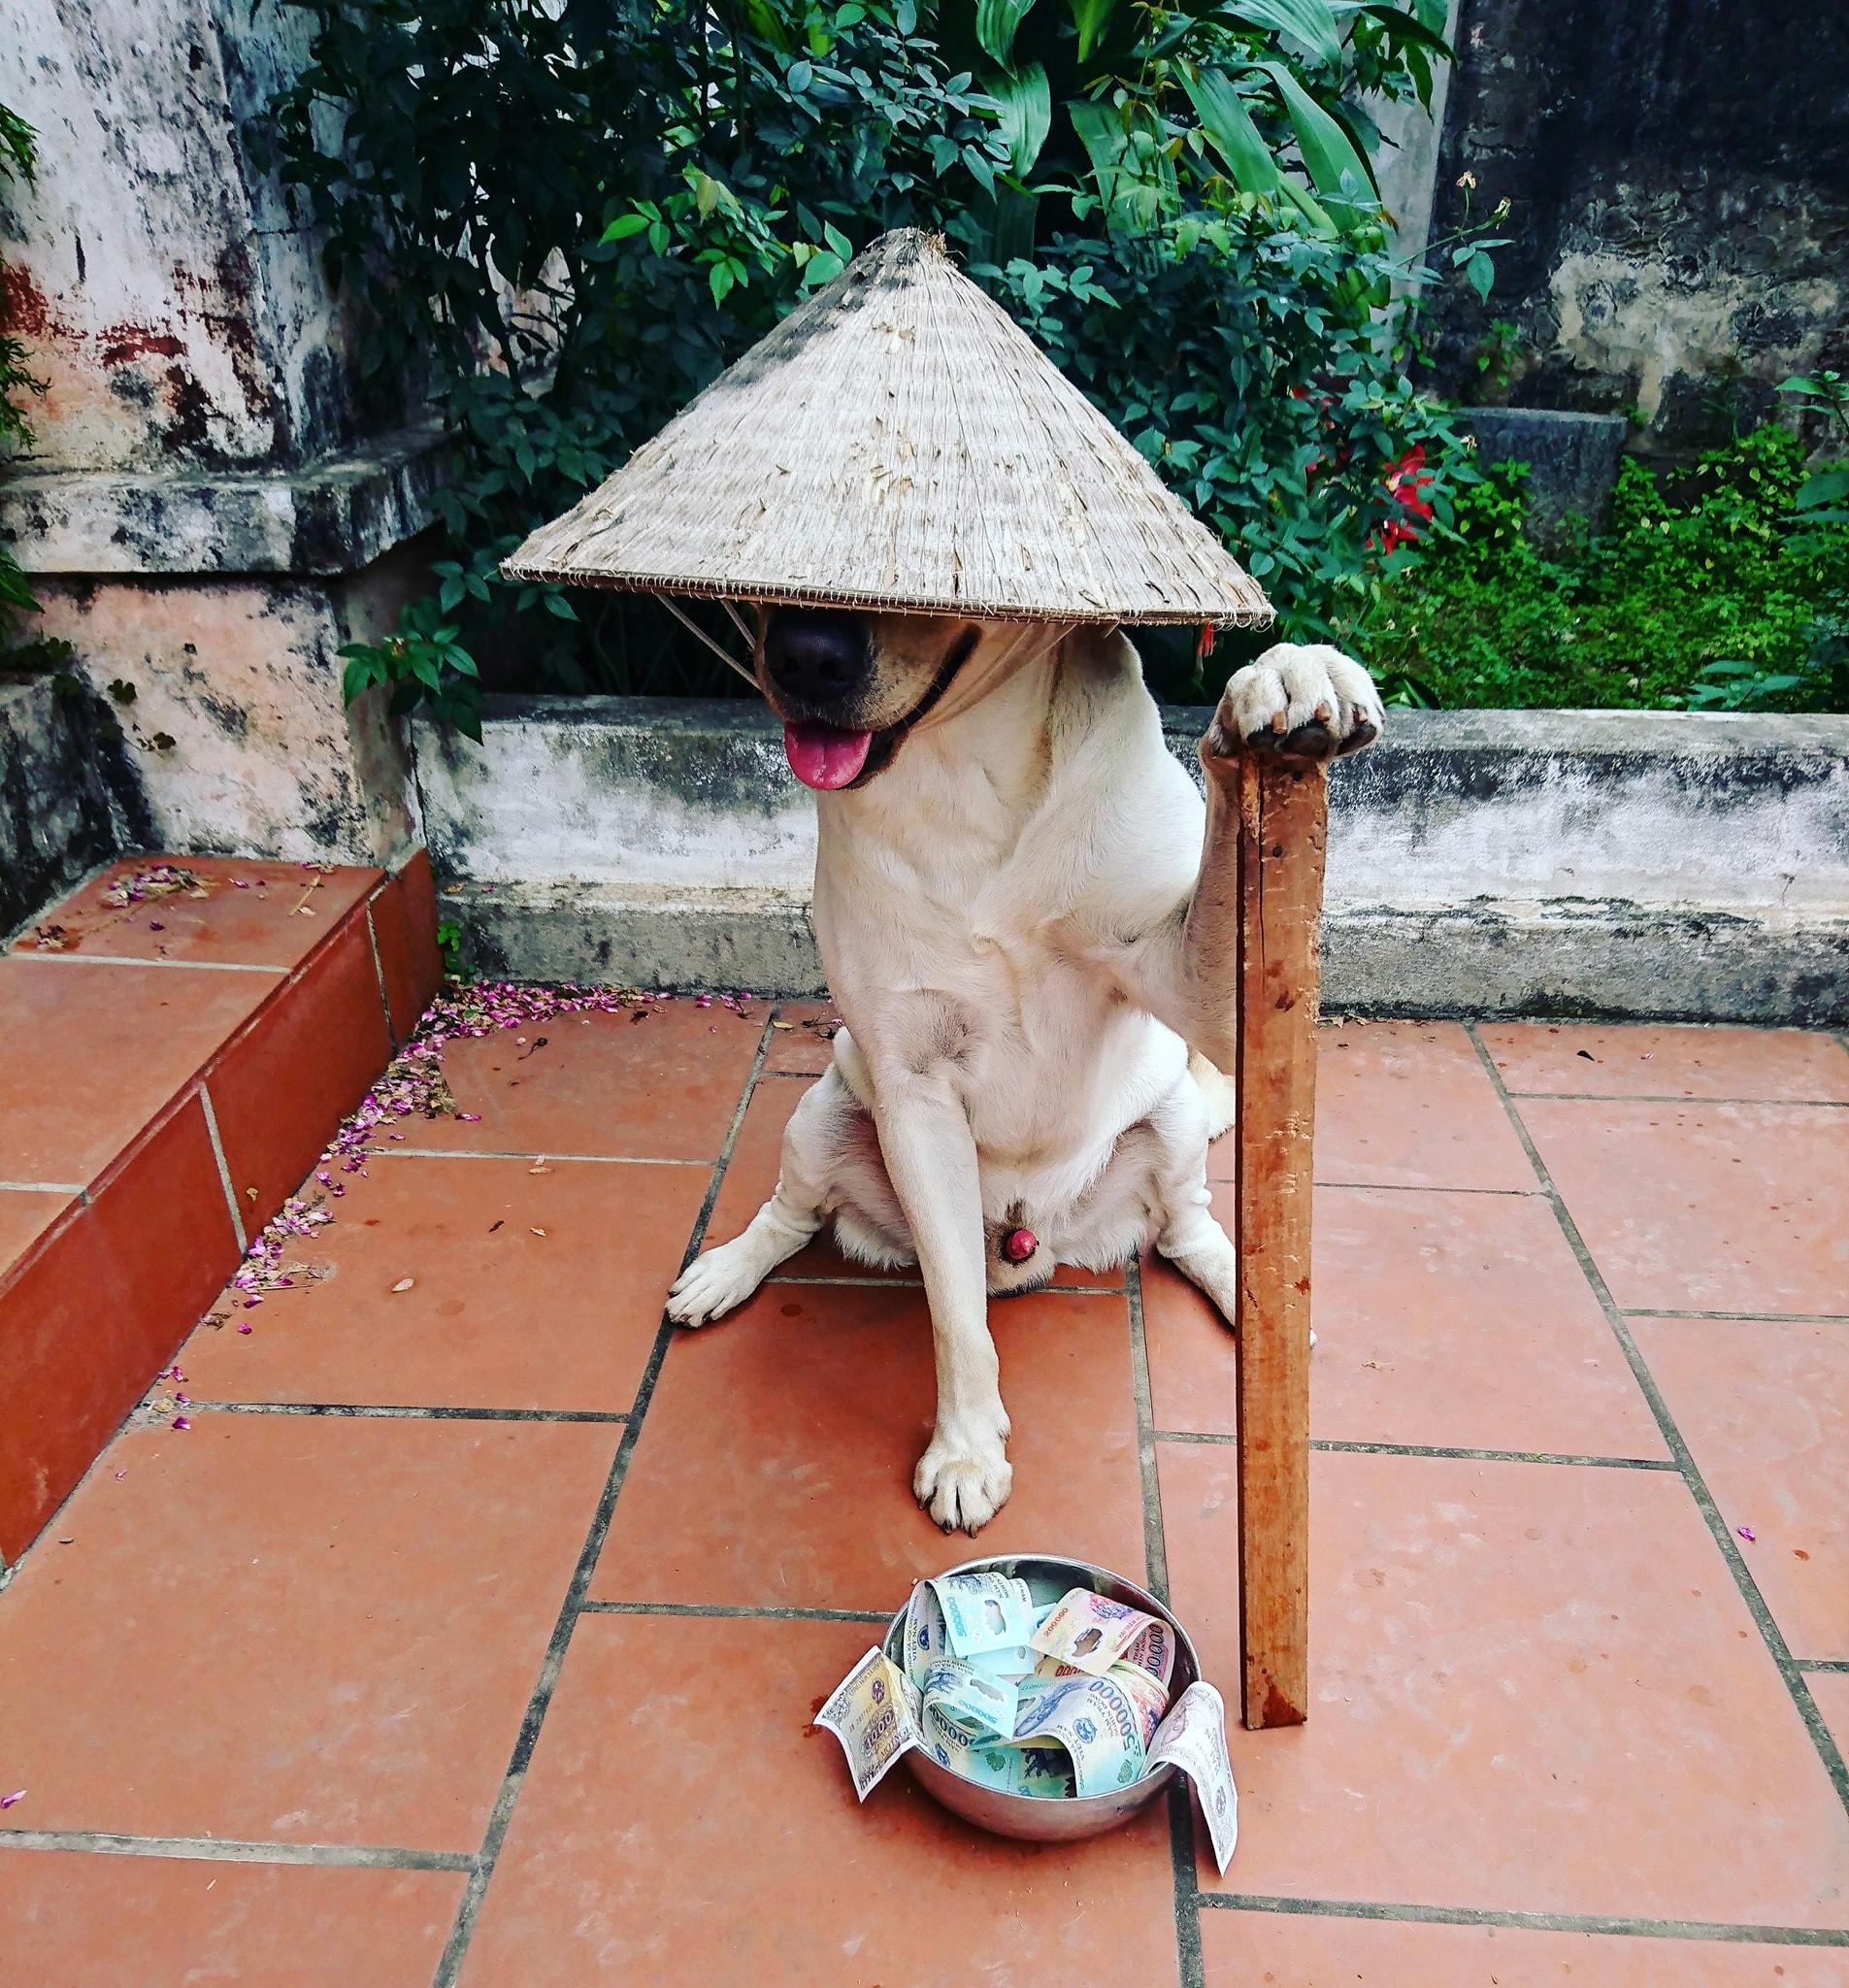 Vietnamese urban legends - dog wearing hat